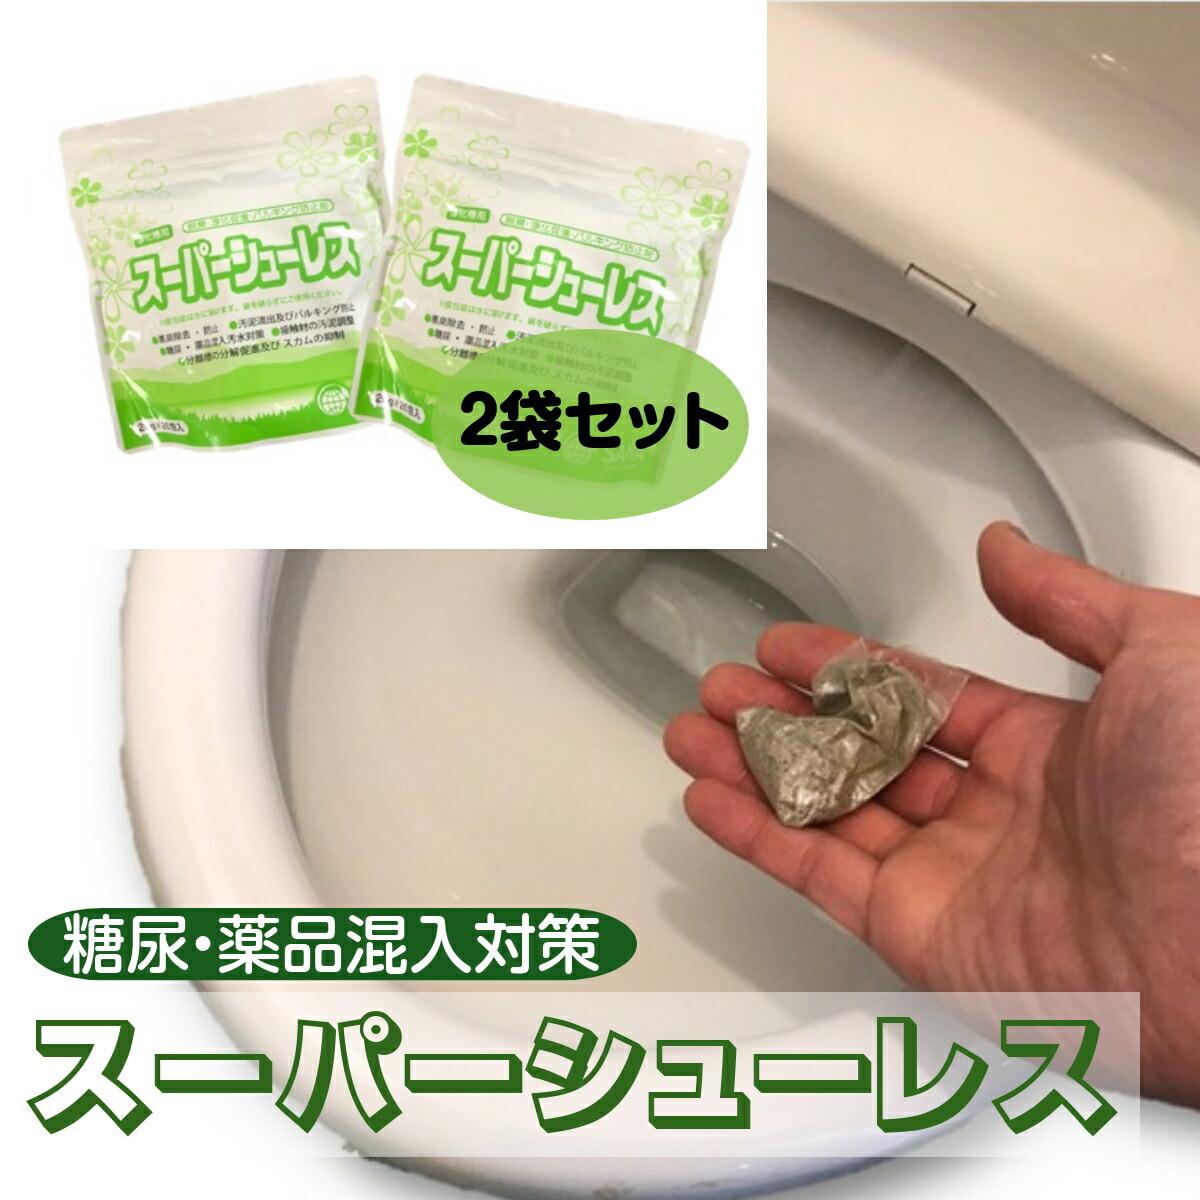 浄化槽の油脂 悪臭分解,バルキング防止に スーパーシューレス20包×2袋浄化槽用 2袋セット 倉 売れ筋